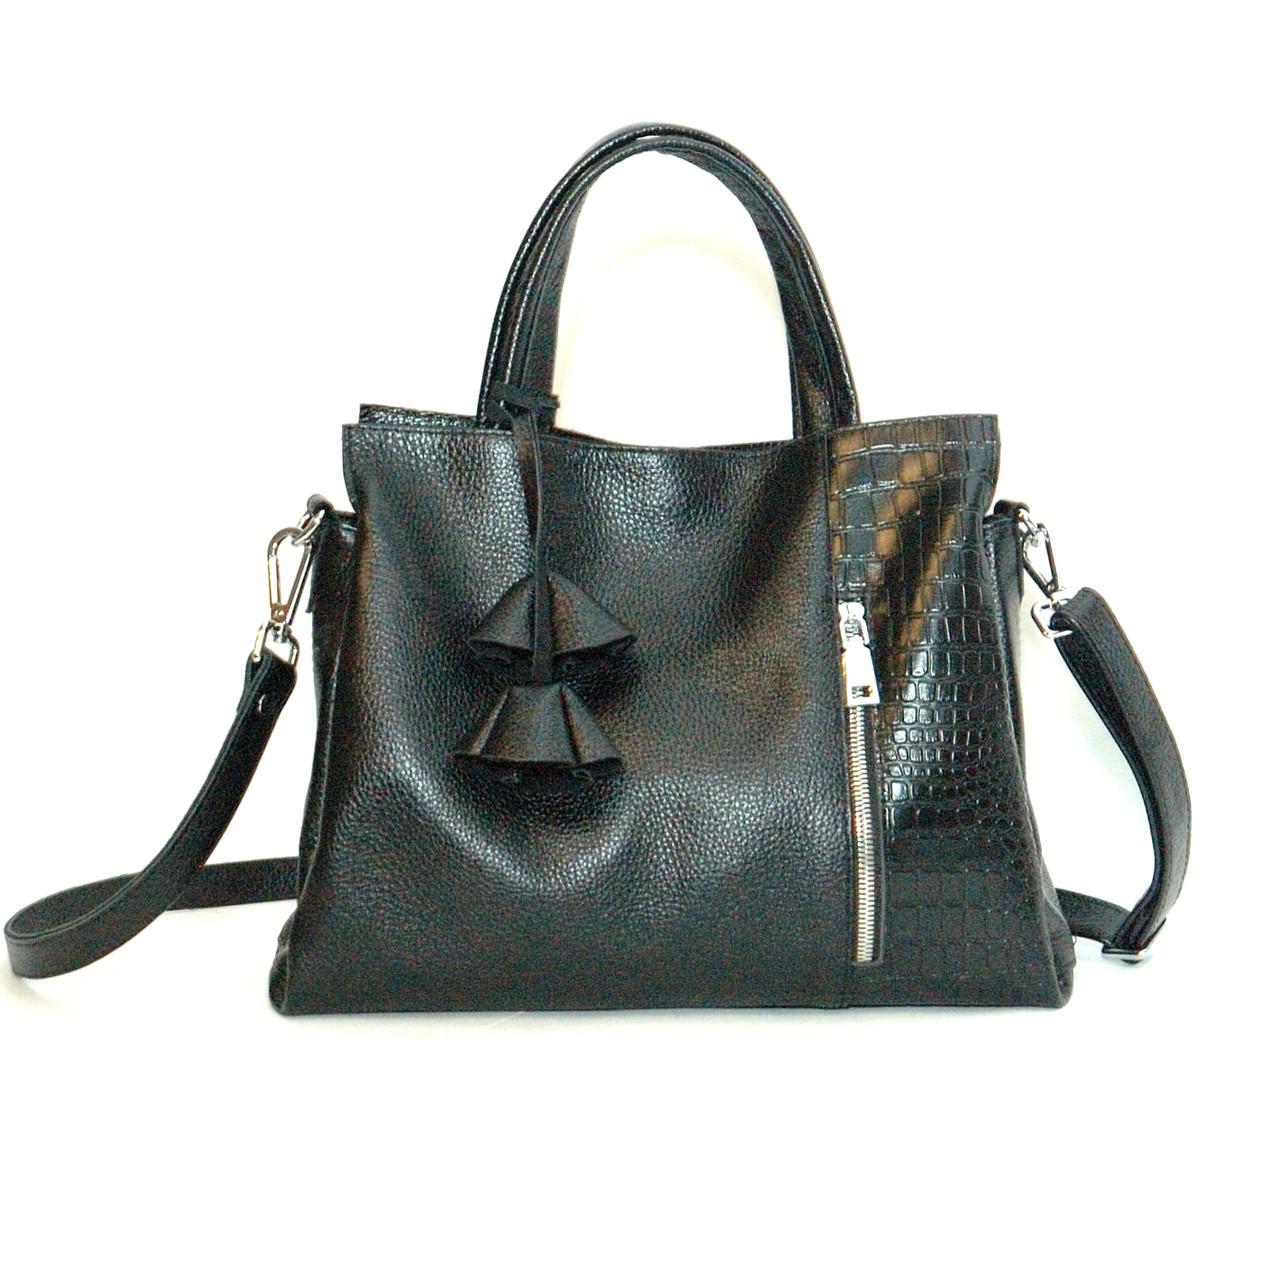 Женская кожаная сумка (натуральная кожа) — купить недорого в ... 60cef27e78e